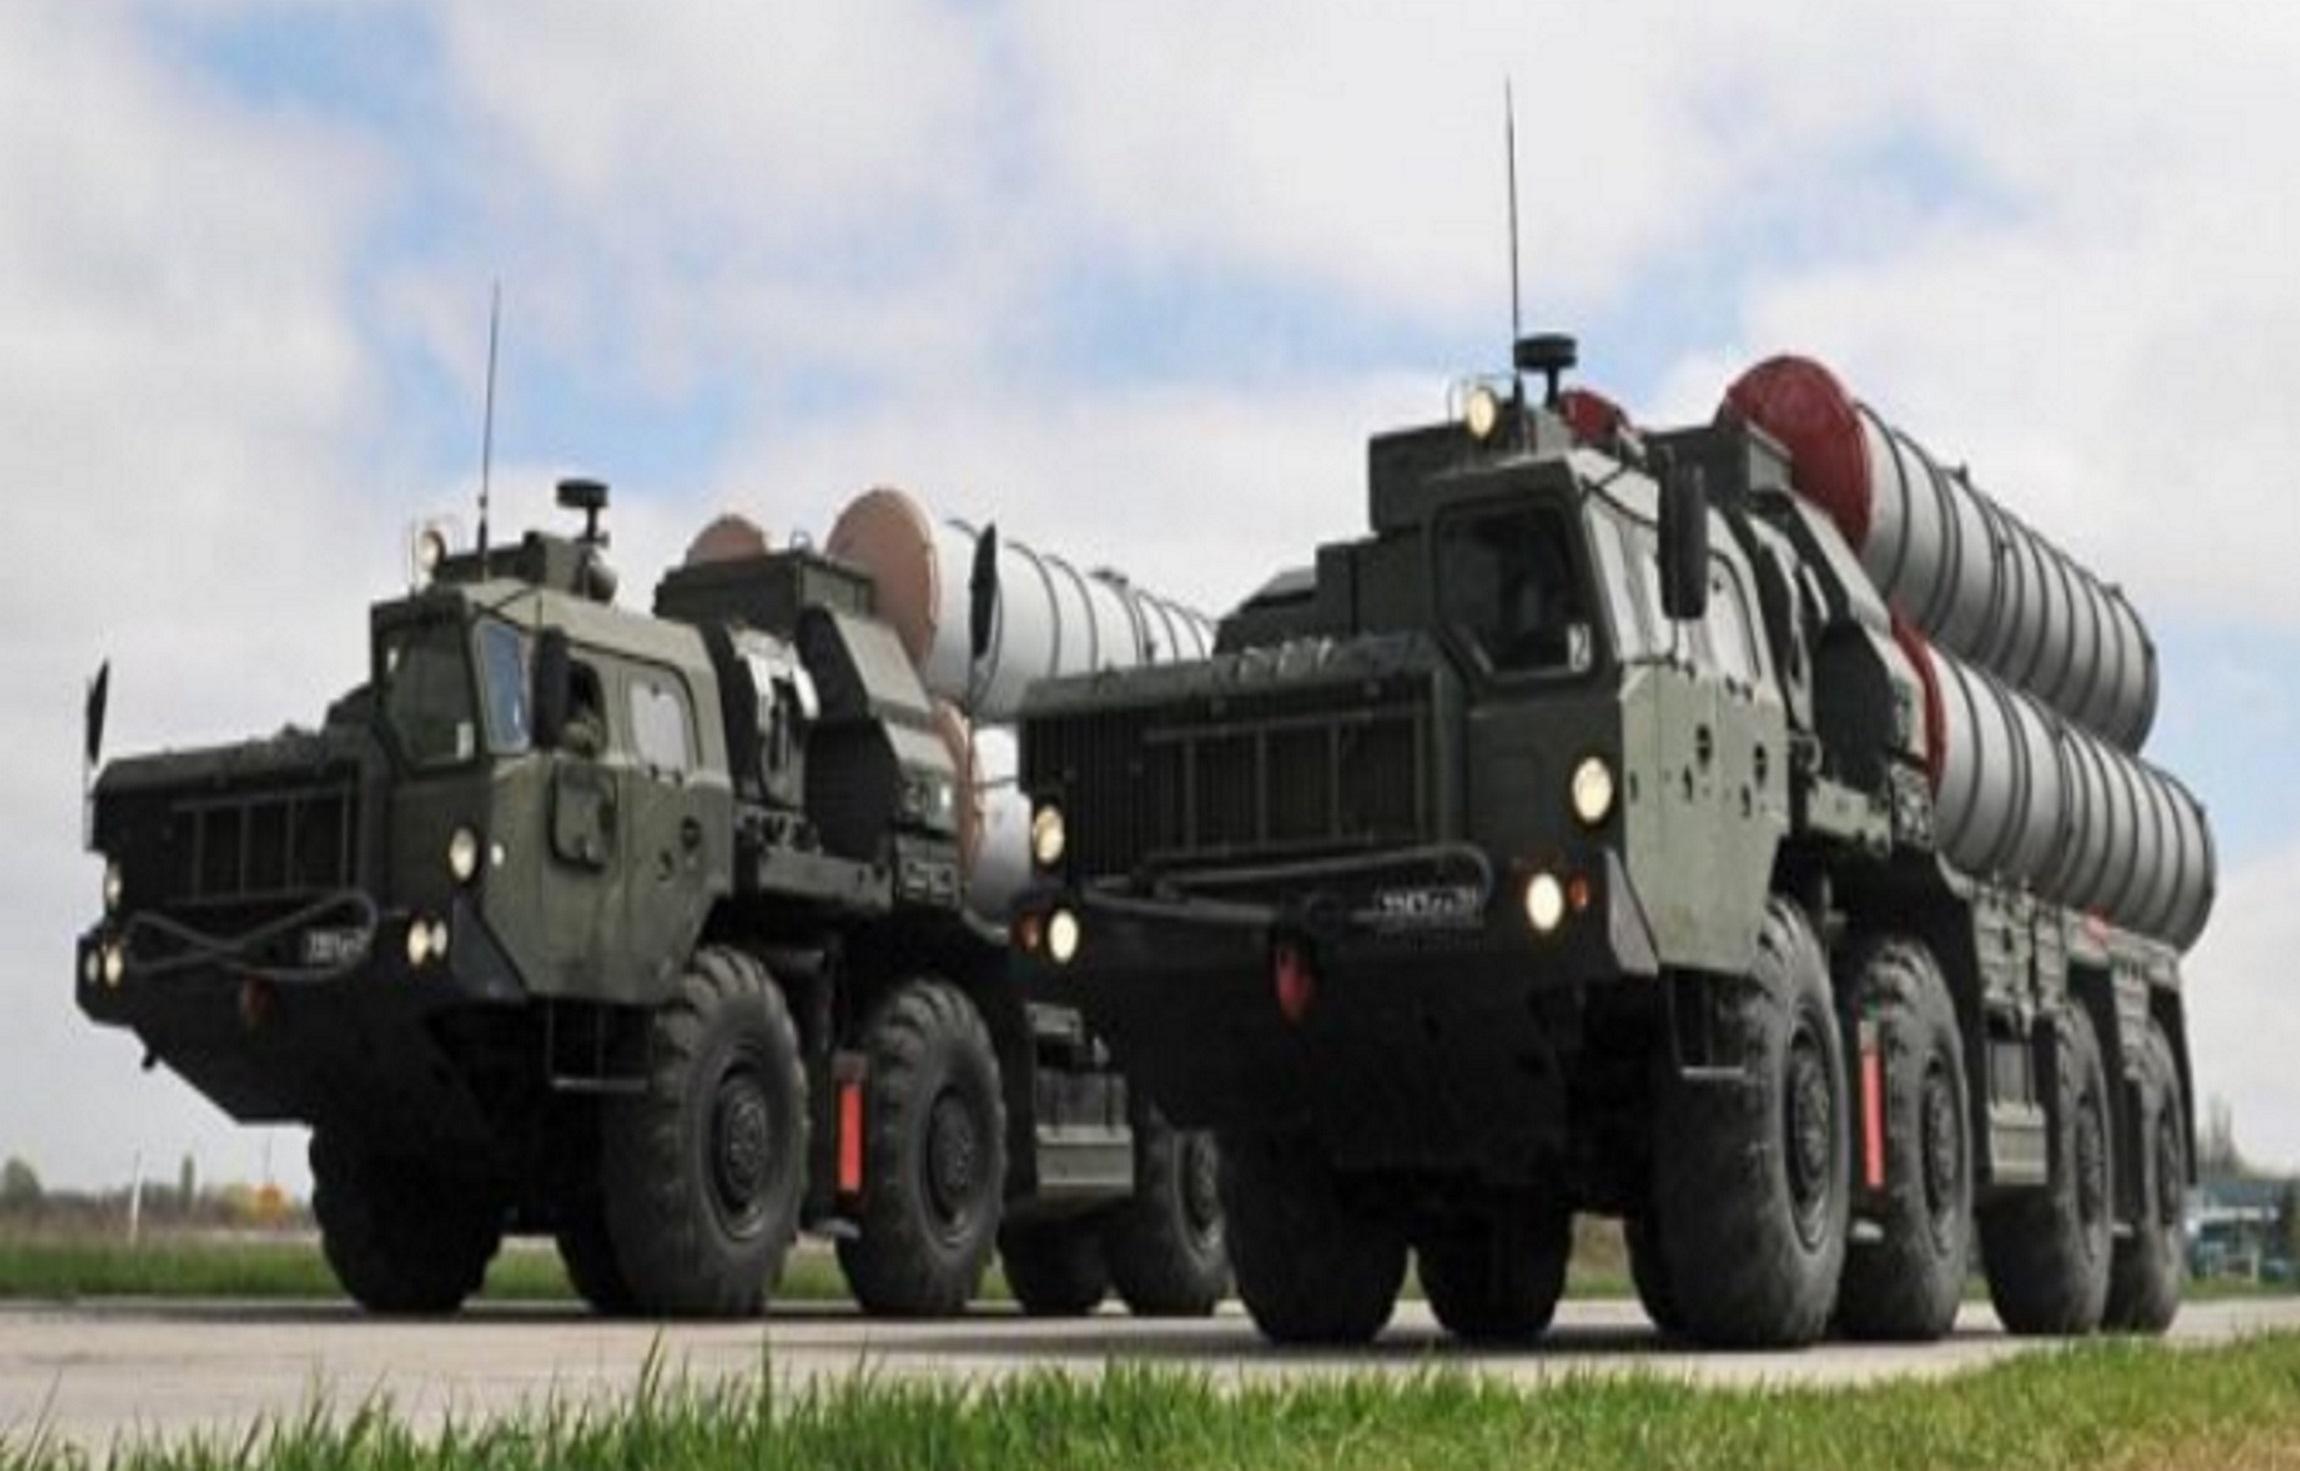 Οριστικό: Αμερικανικές κυρώσεις και επίσημα στην Τουρκία για τους S-400